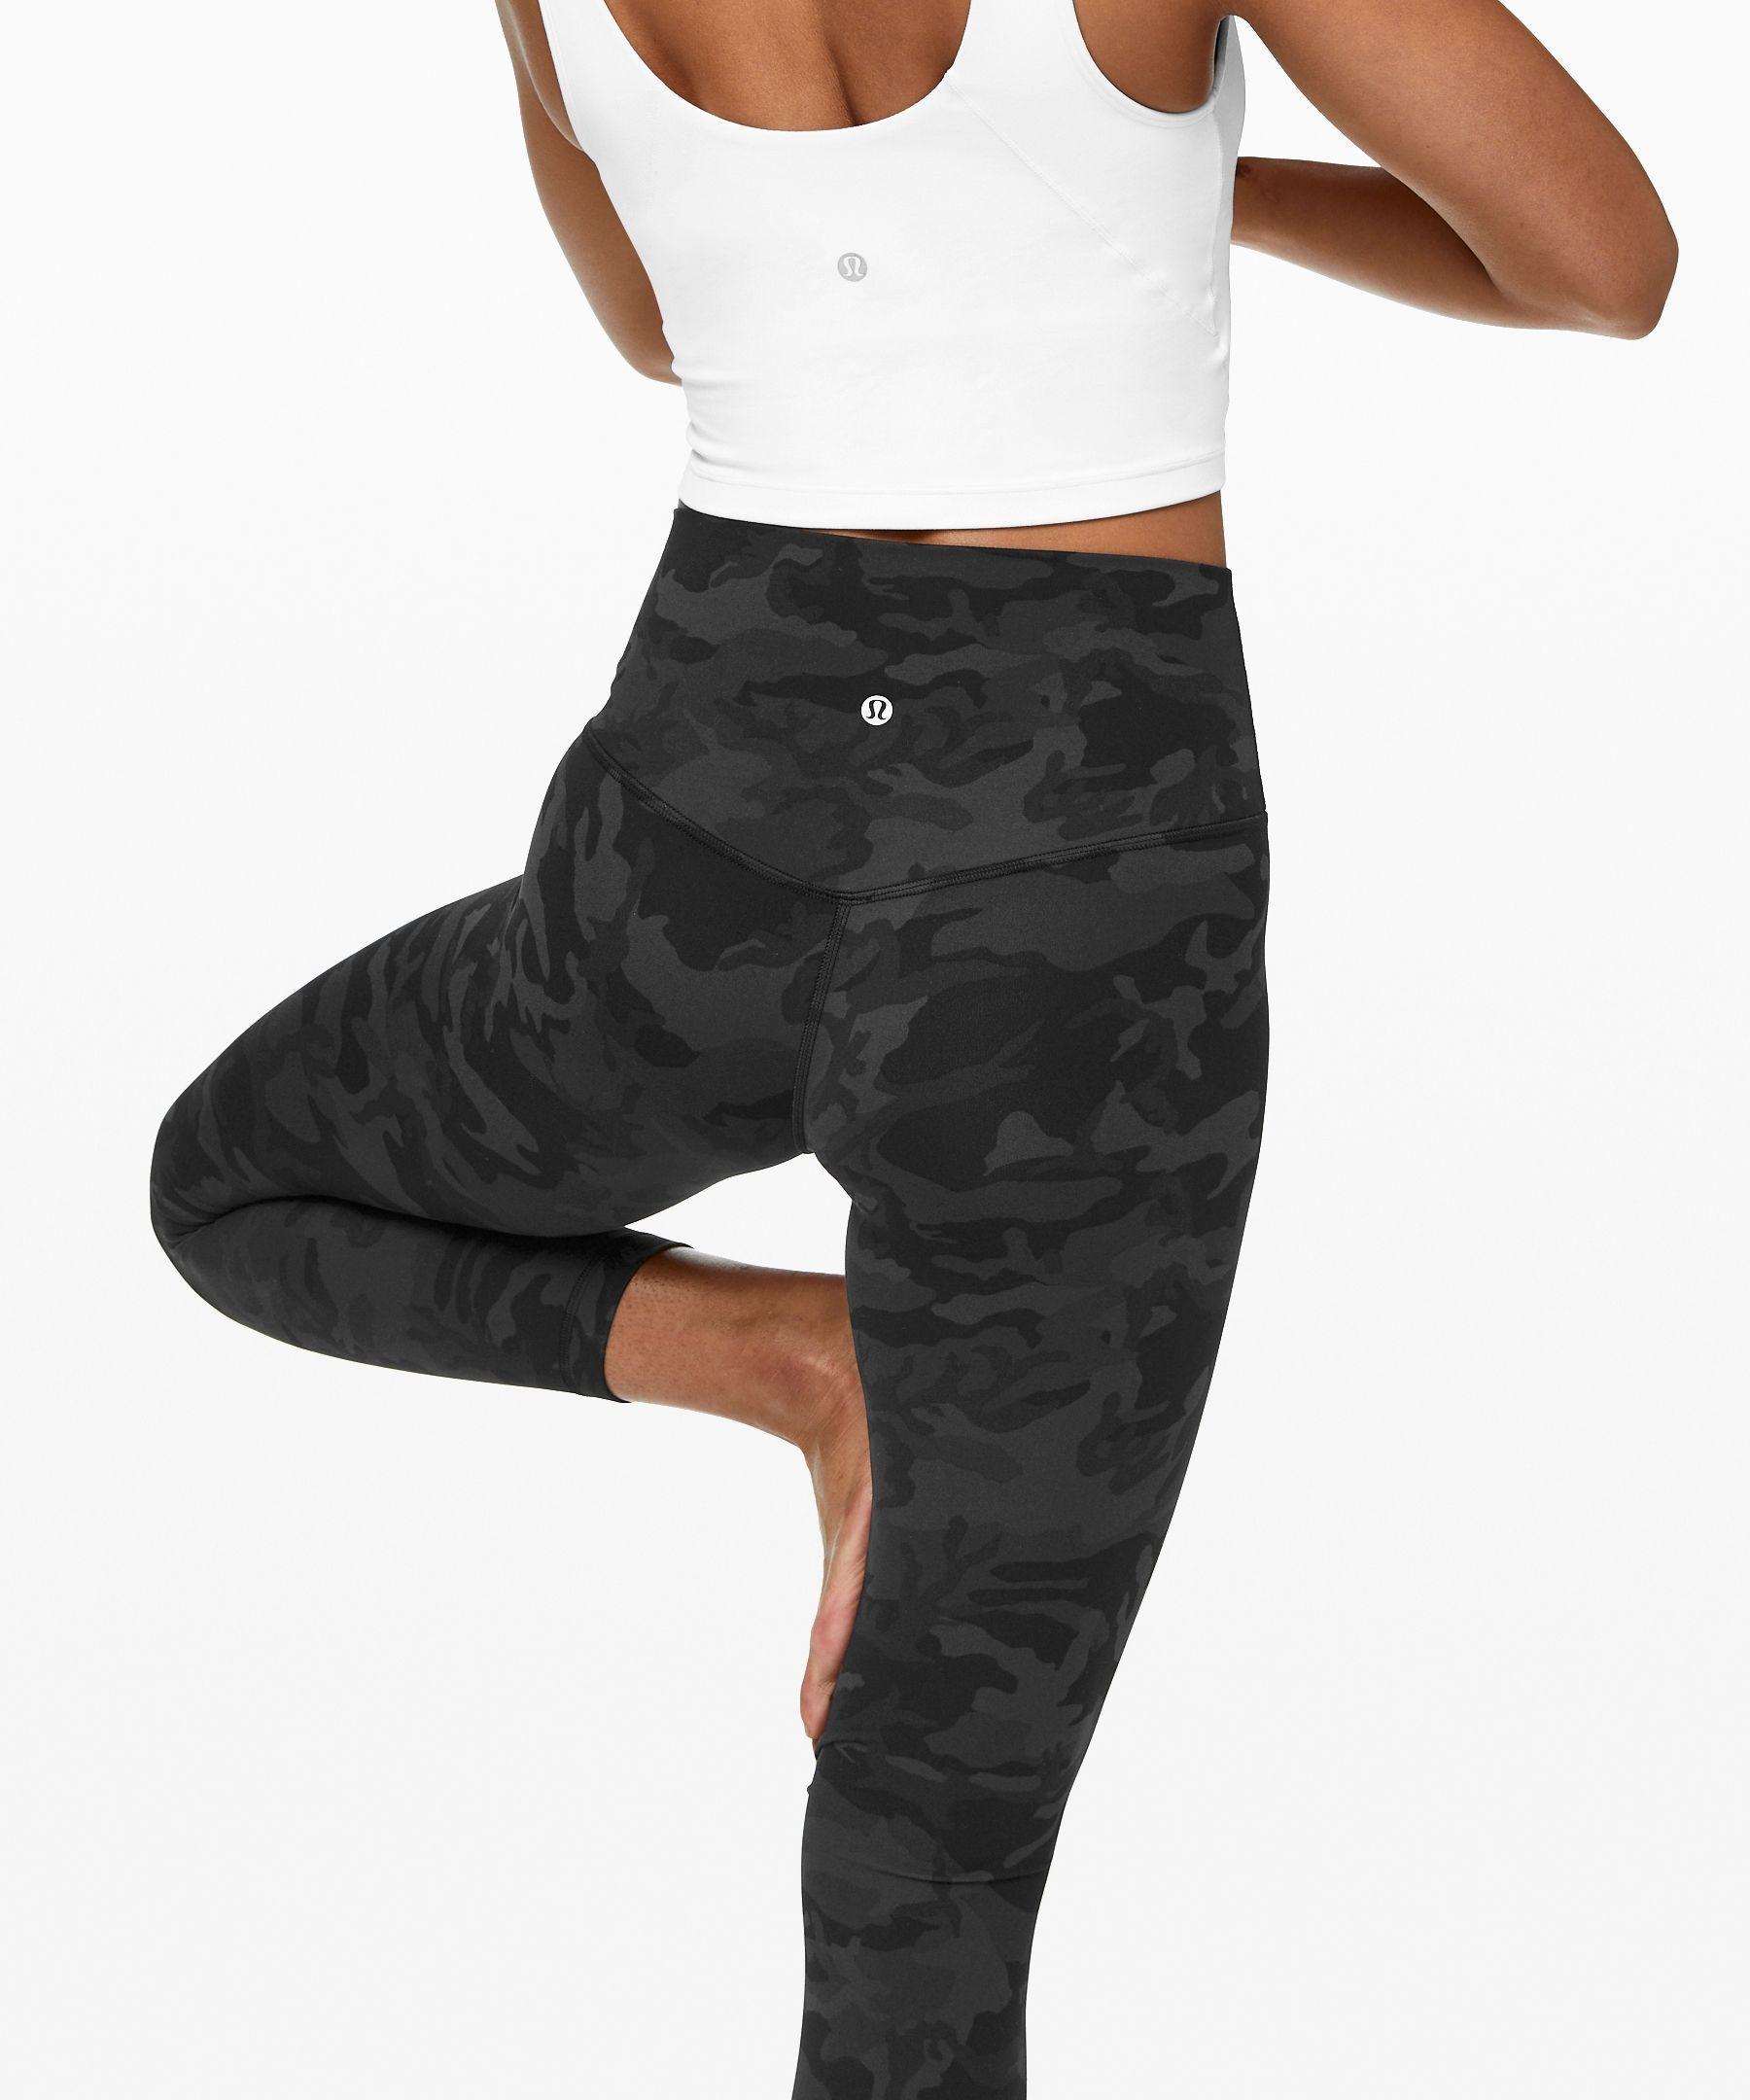 Align Pant Ii 25 Women S Yoga Pants Lululemon In 2020 Yoga Pants Women Yoga Women Yoga Pants Lululemon